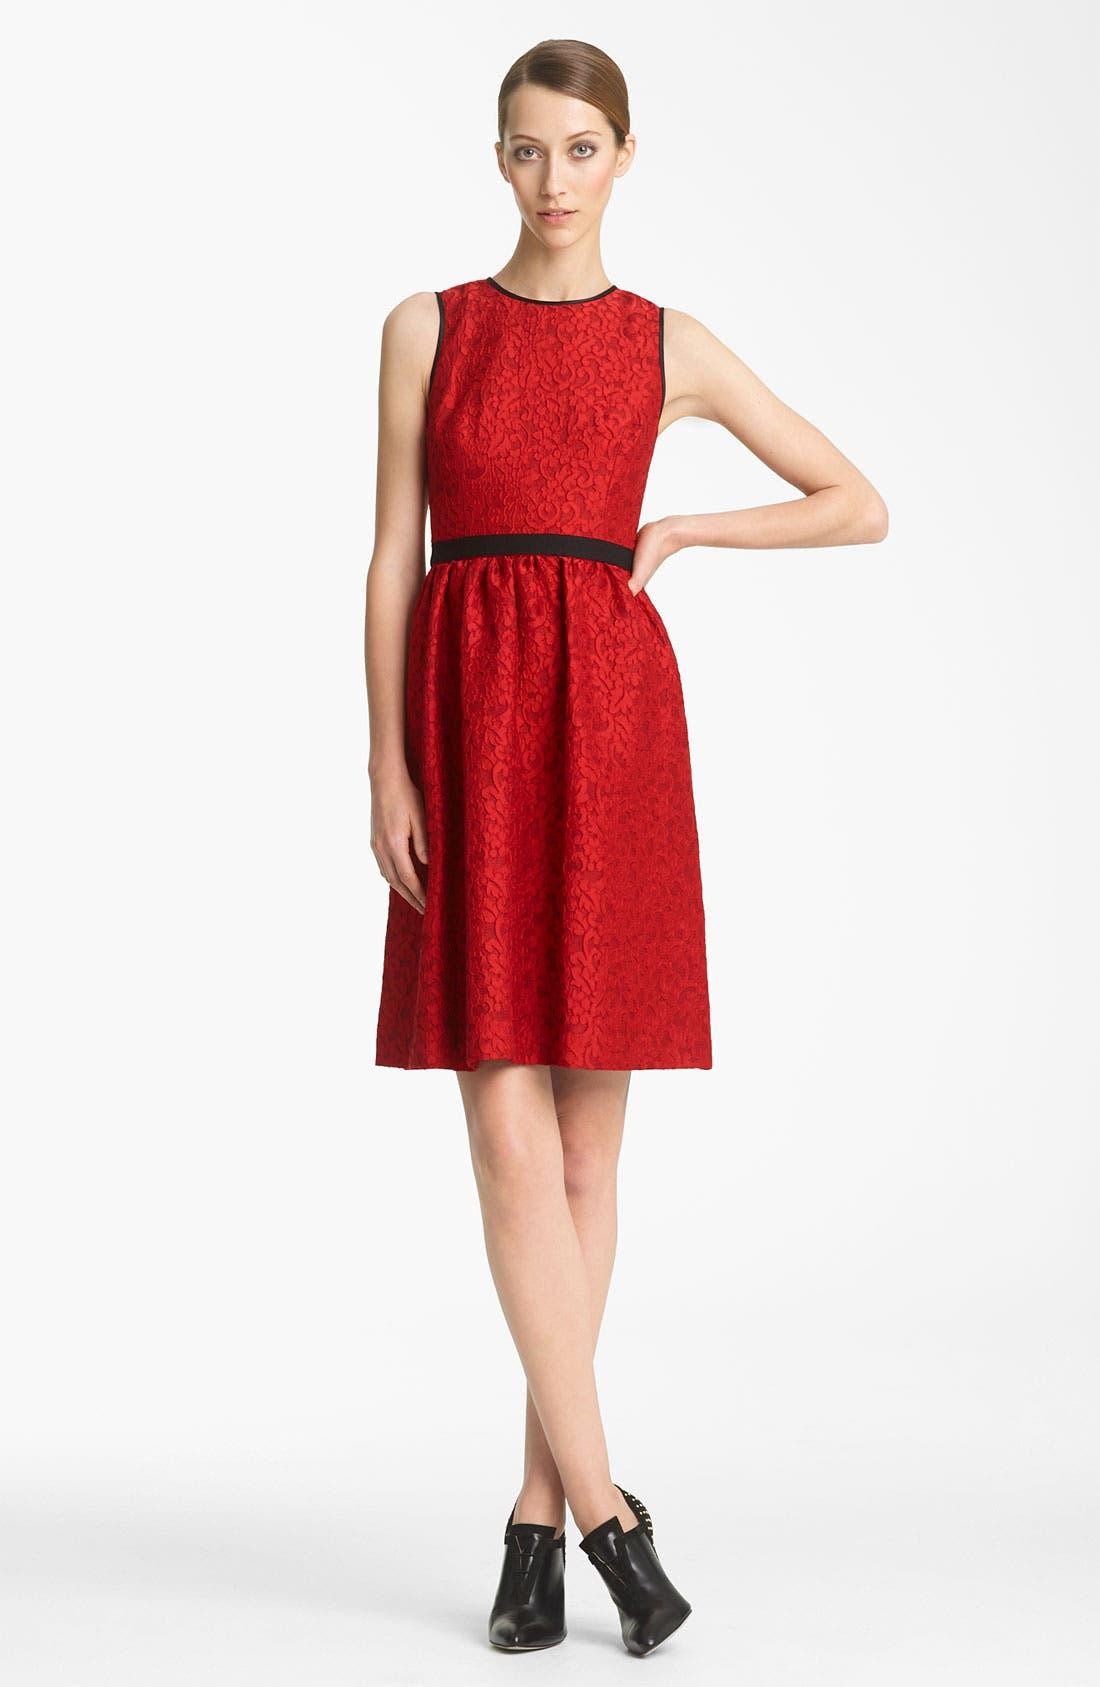 Main Image - Jason Wu Lace Jacquard Dress